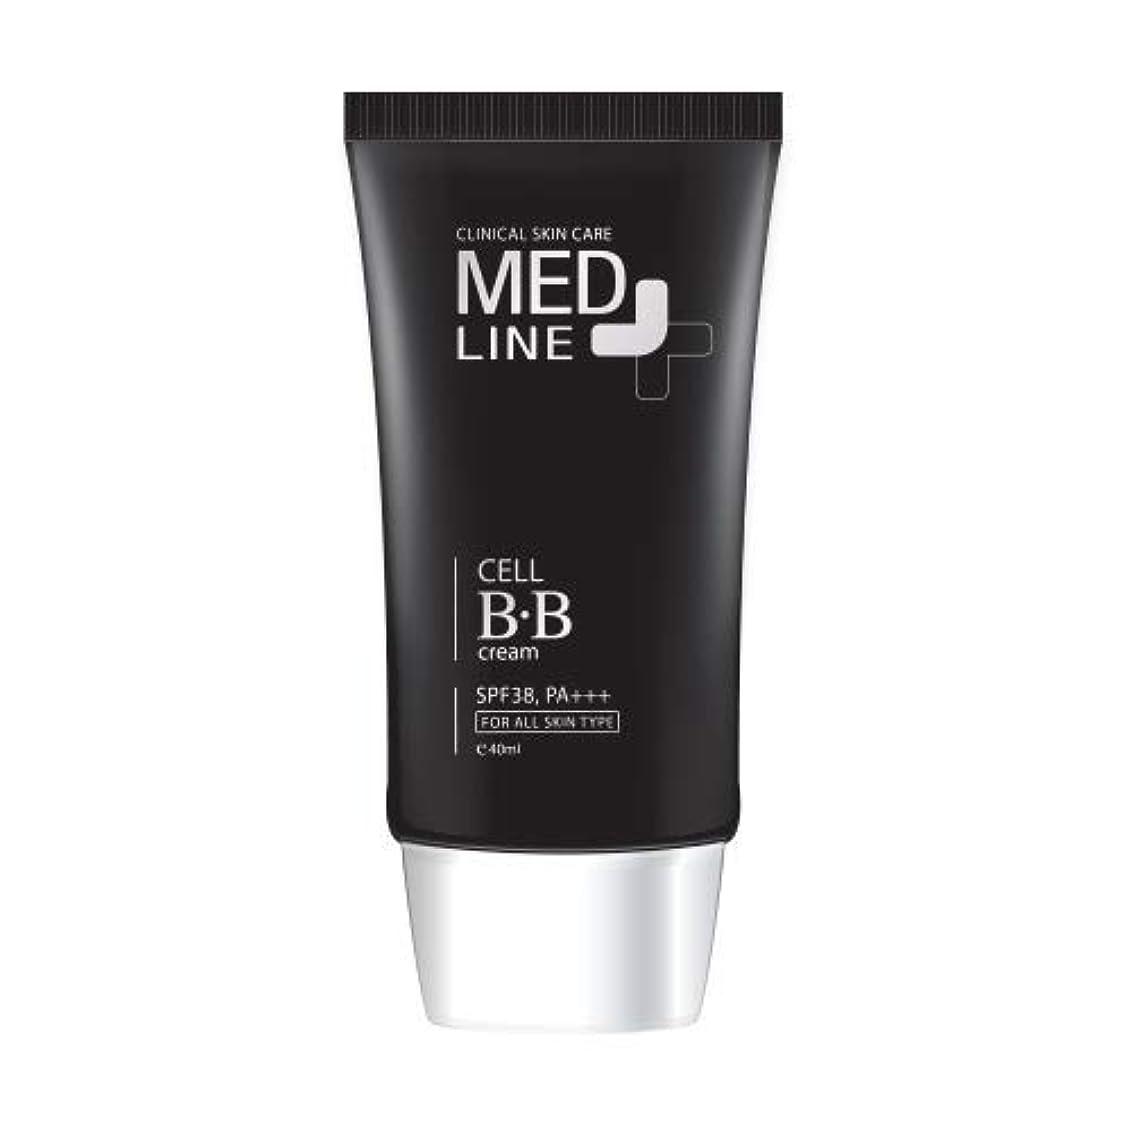 を通して政権おかしいメドライン(Med Line) セルBBクリーム(Cell B.B Cream)